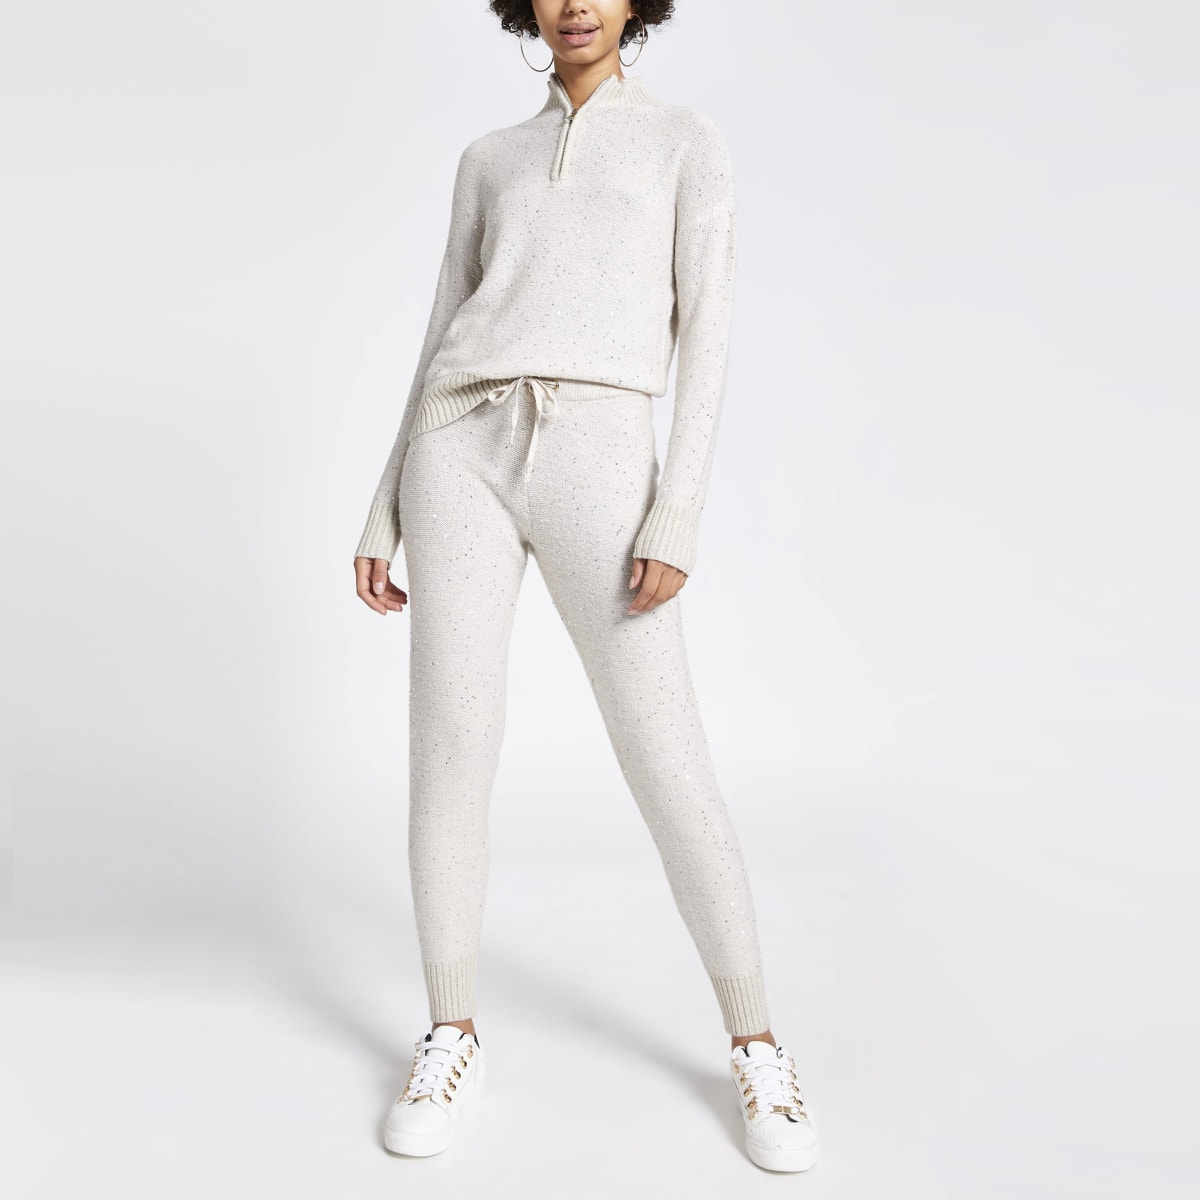 Pantalons de jogging en maille beige ornés de sequins